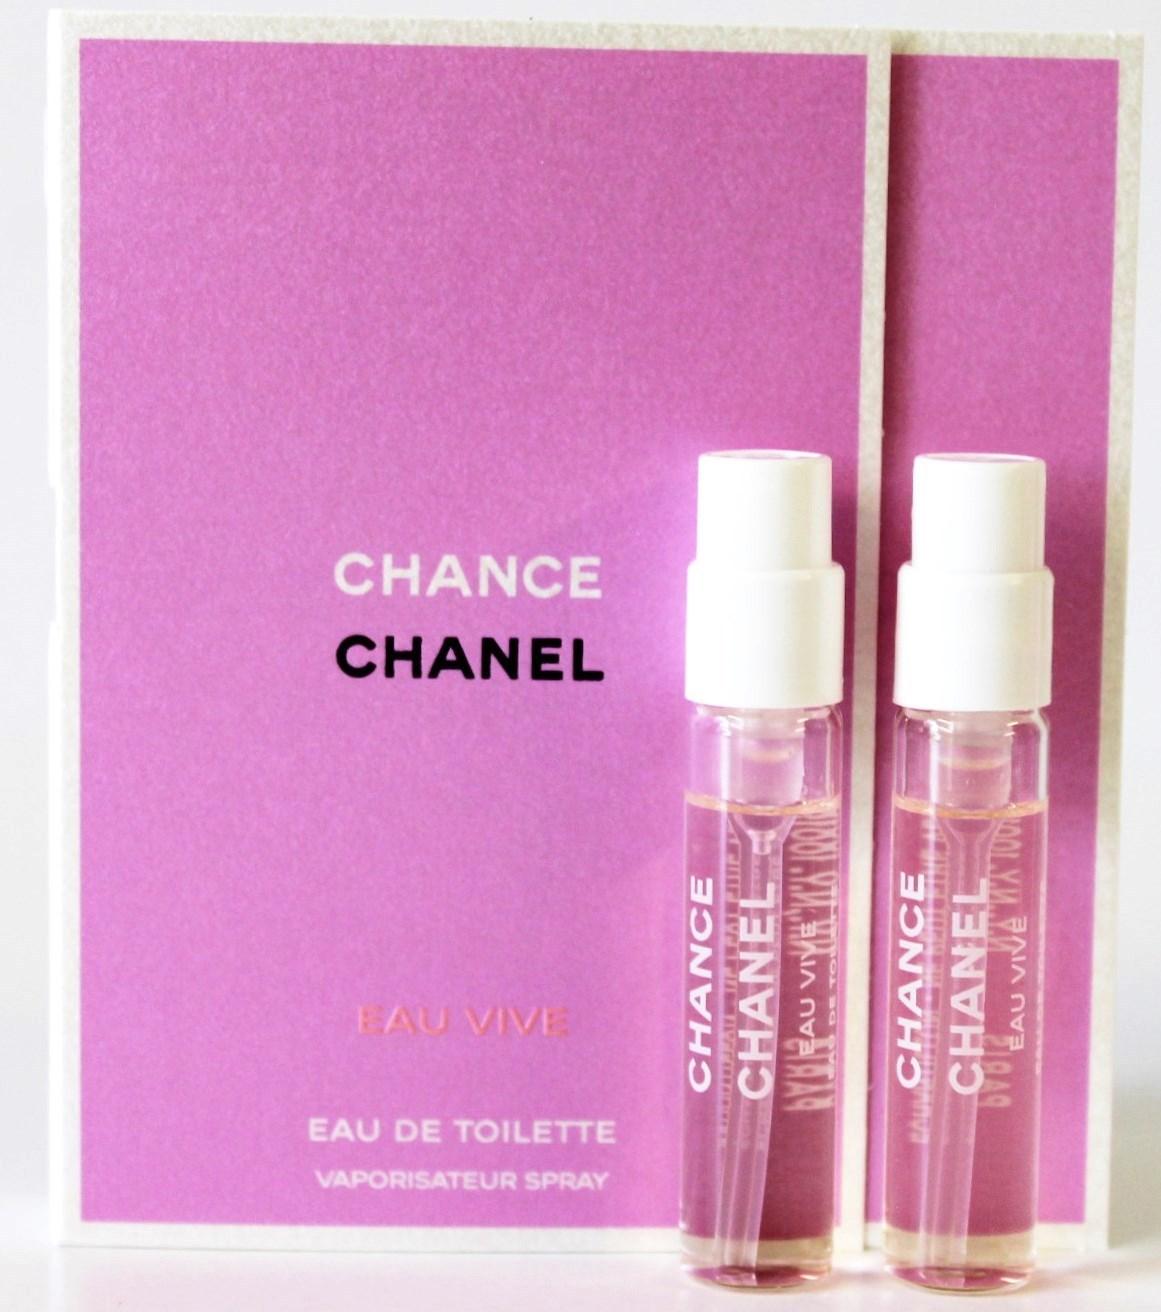 Chanel Chance Eau Vive W EDT 2ml